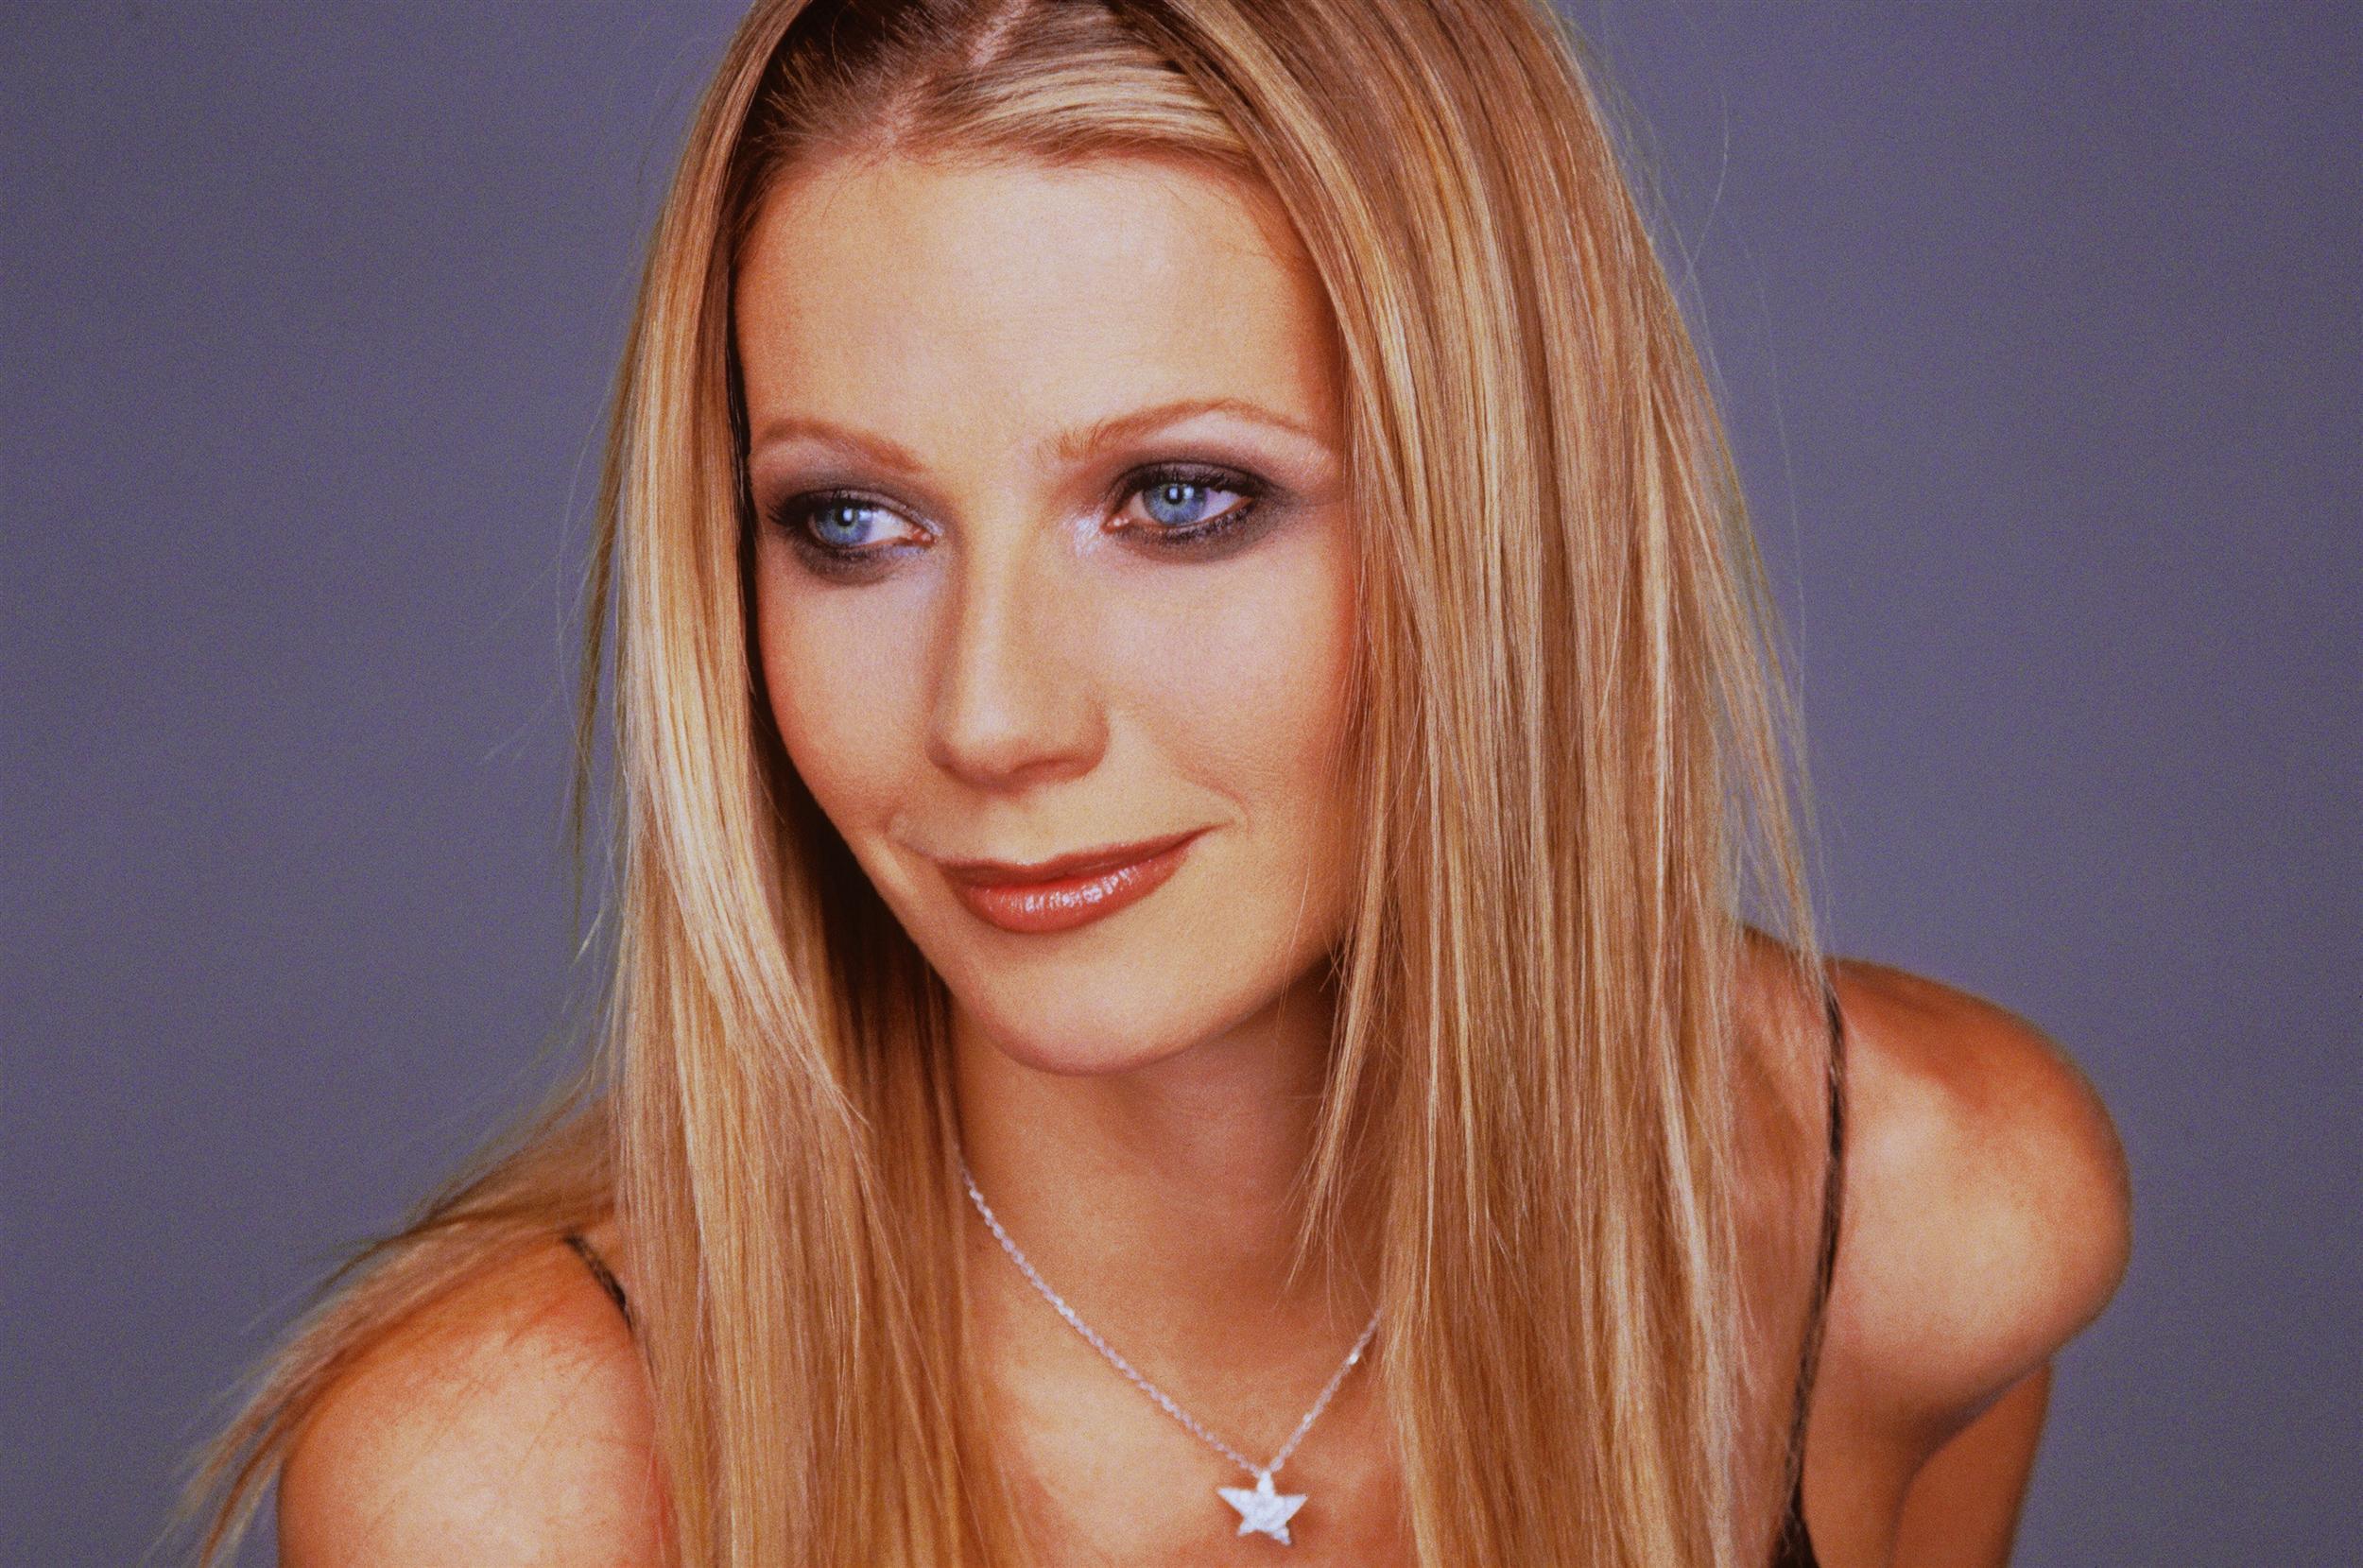 Gwyneth Paltrow Images